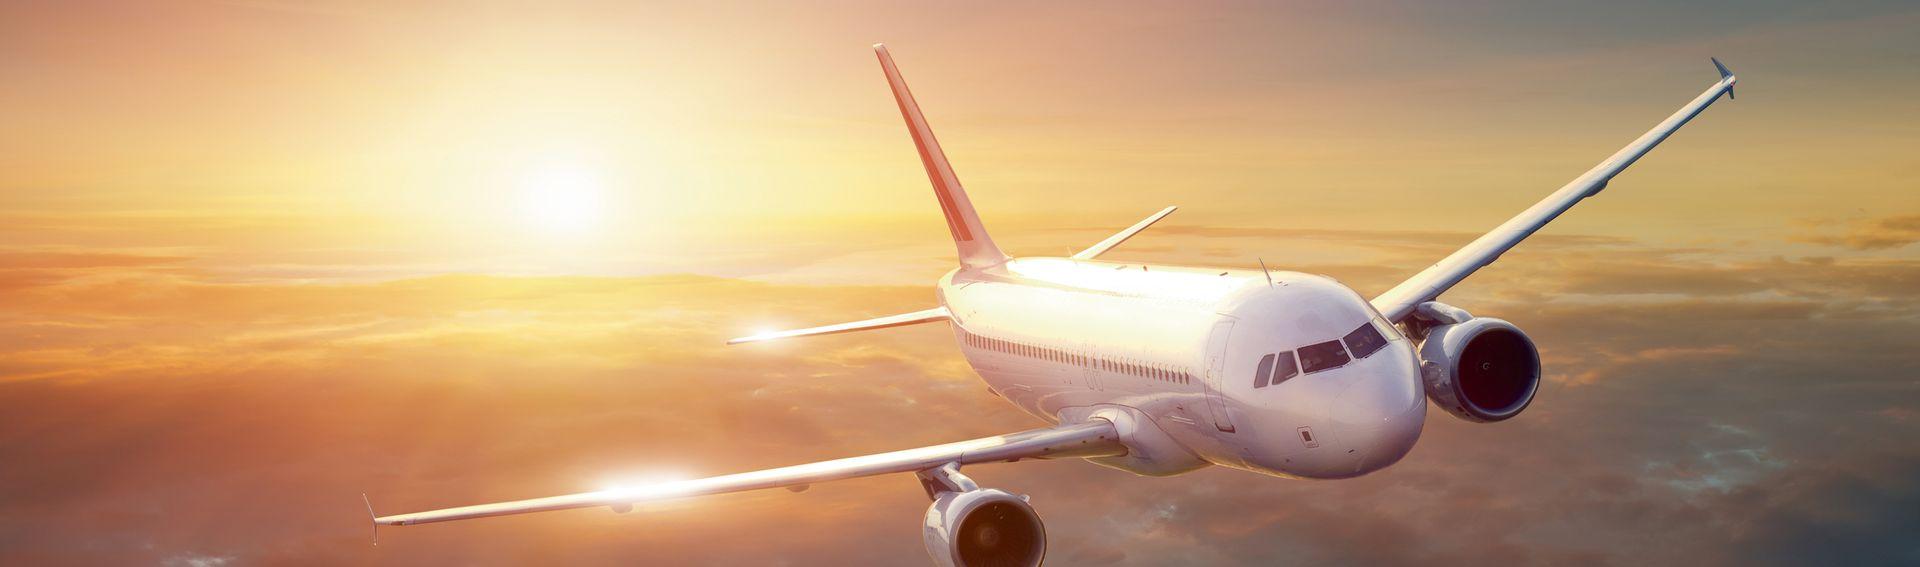 Günstige Flüge weltweit mit Hotelplan ab Zürich, Bern, Basel + Genf